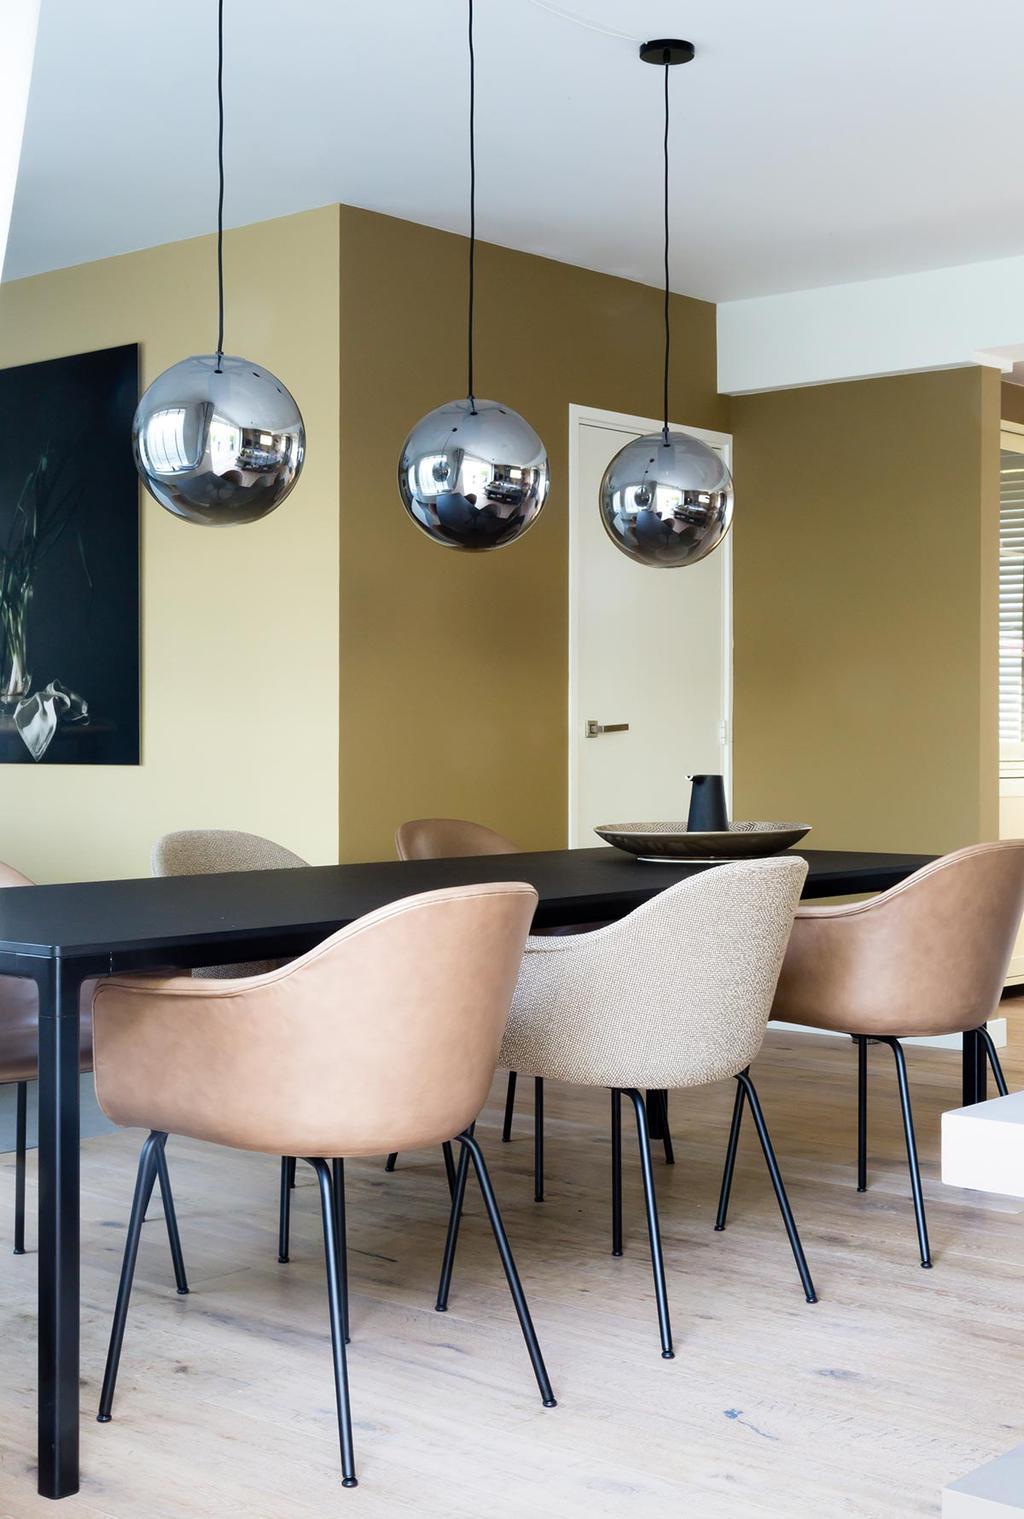 Weer verliefd op je huis: gouden wand bij de eettafel met glazen hanglampen